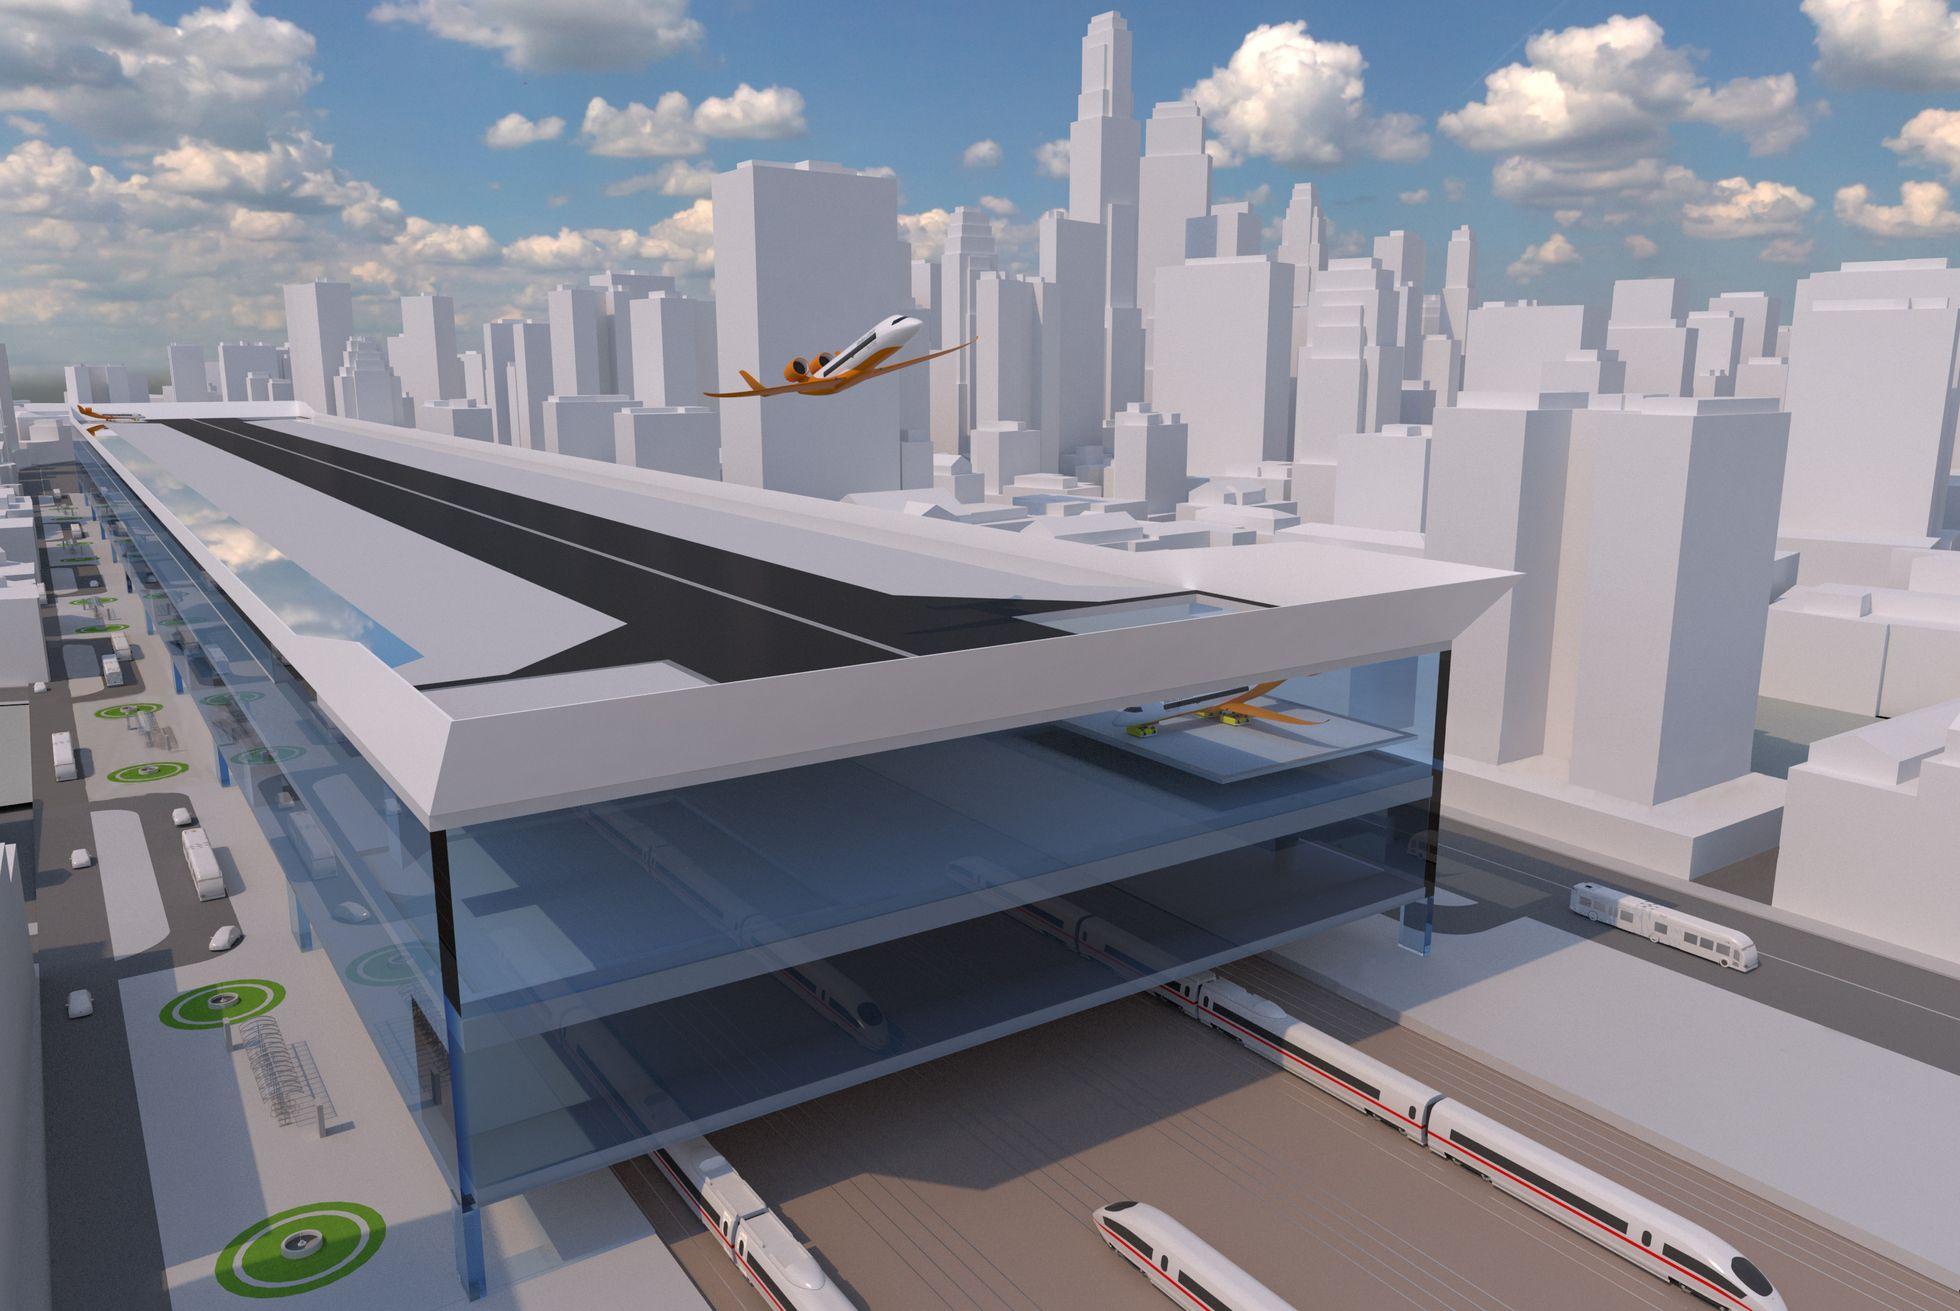 Centairstation: Ein fester Flugzeugträger auf den Gleisen -